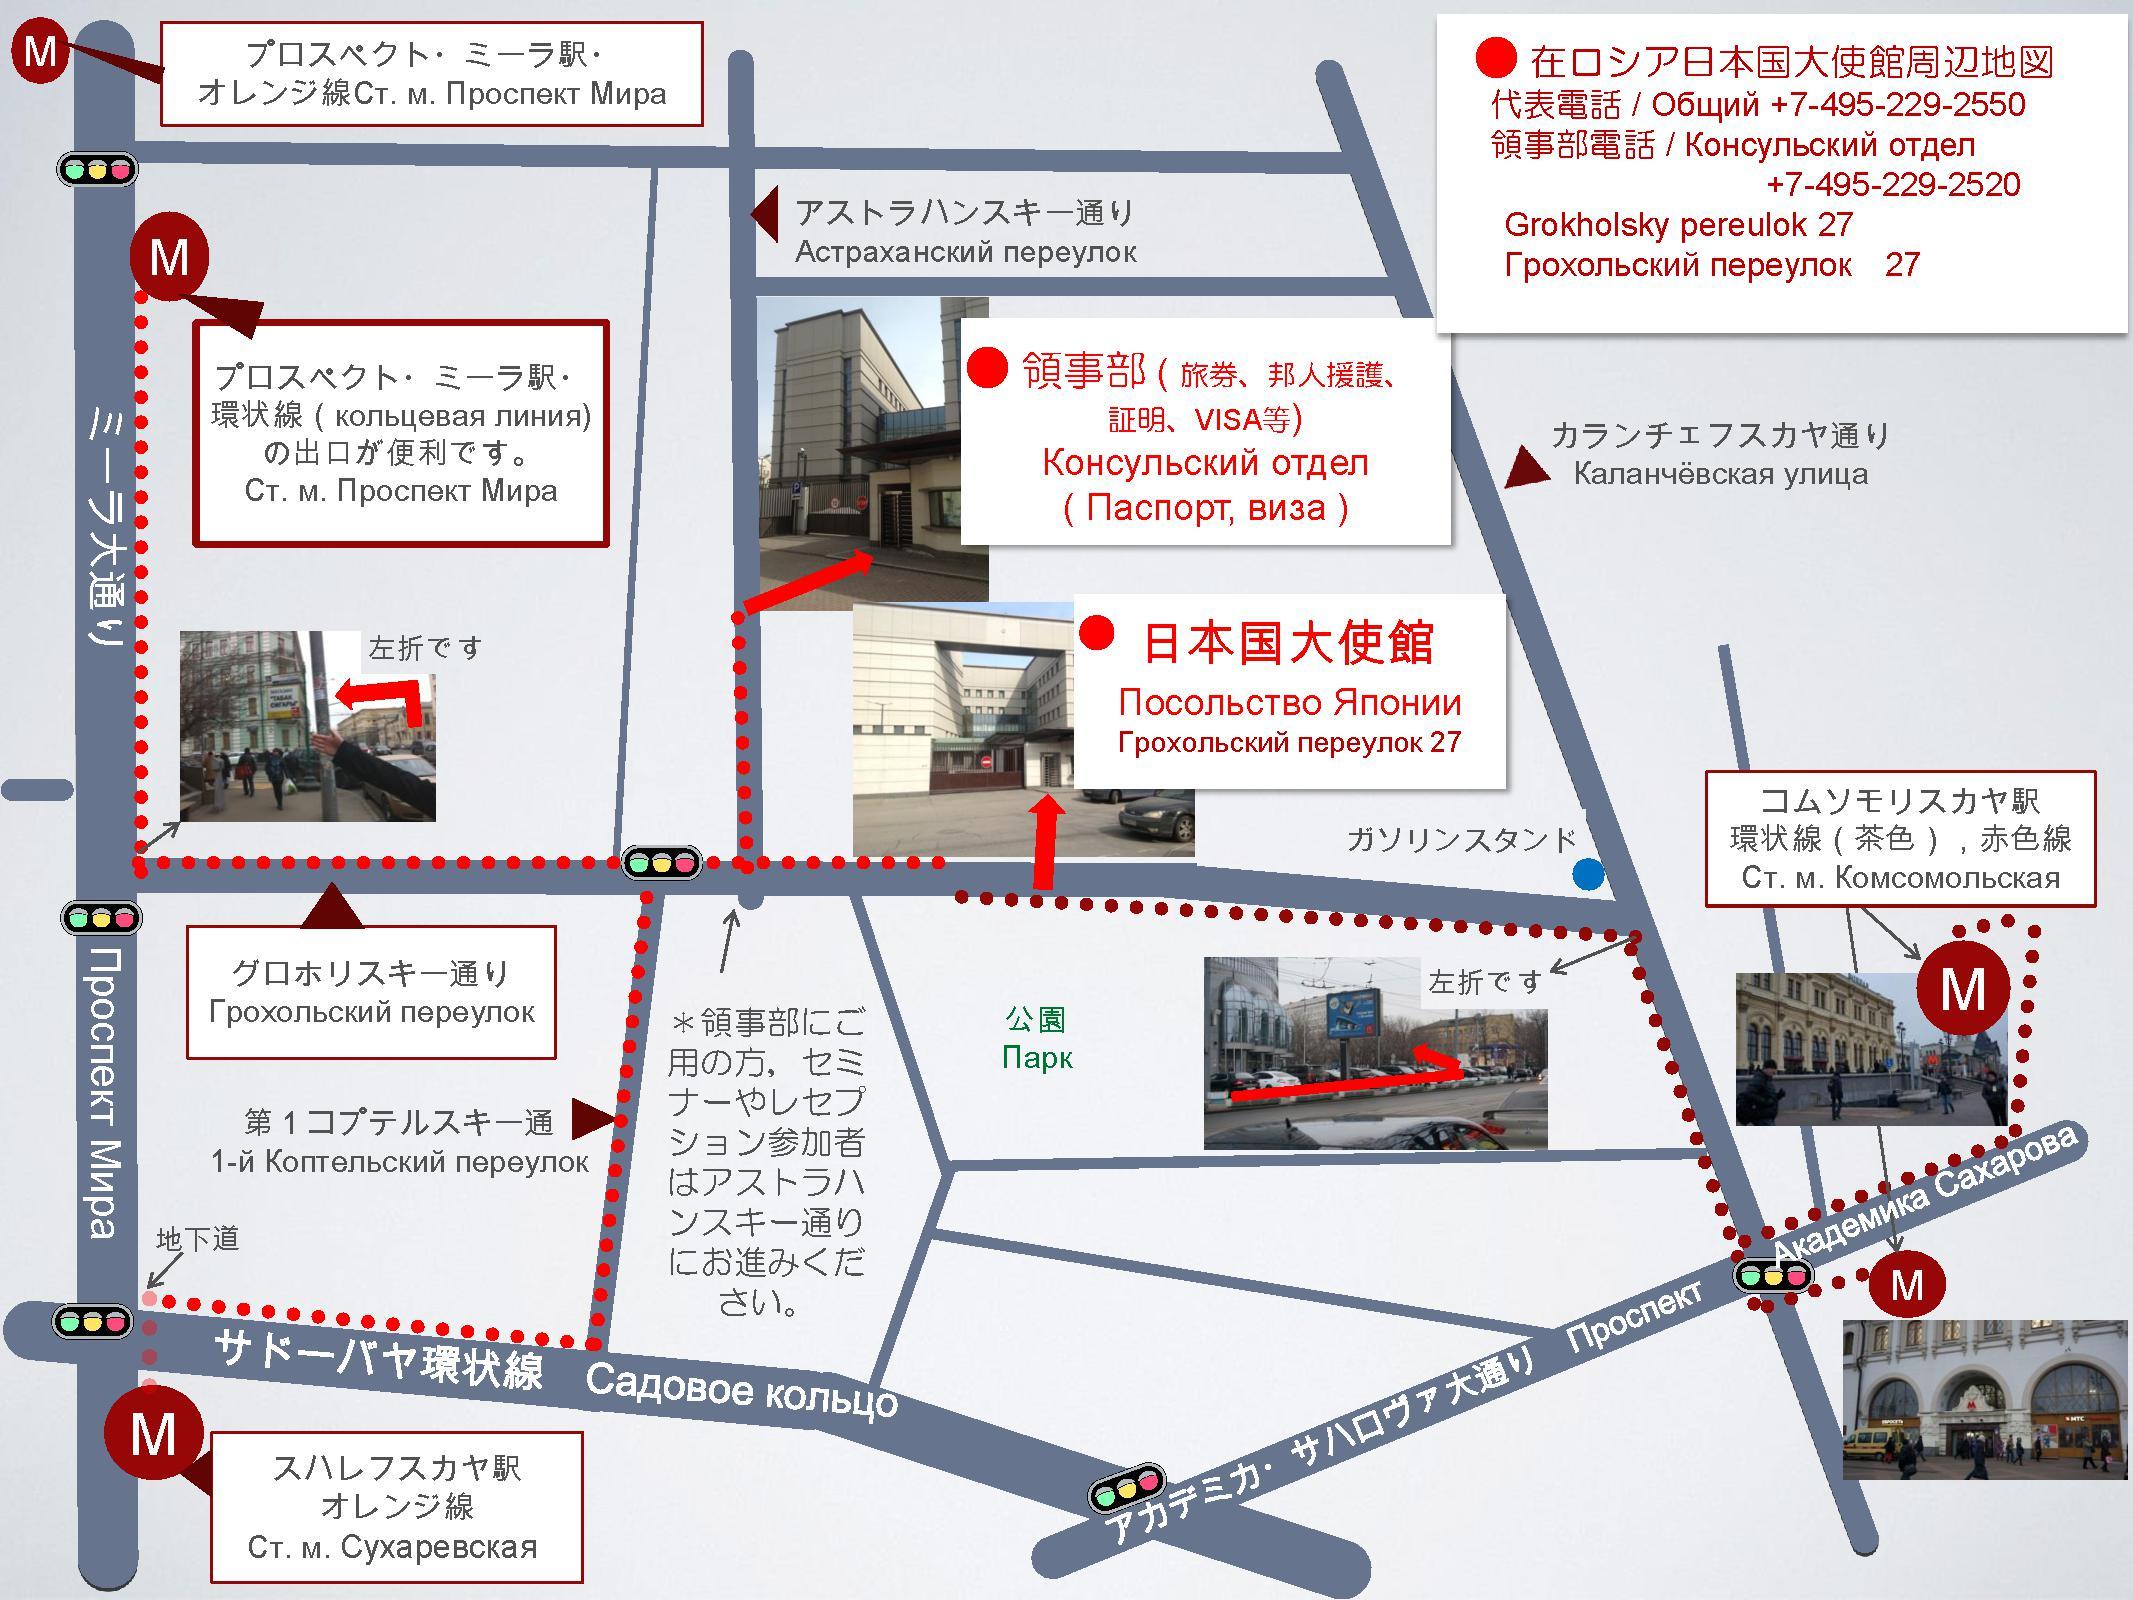 Схема проезда в посольство Японии в Москве